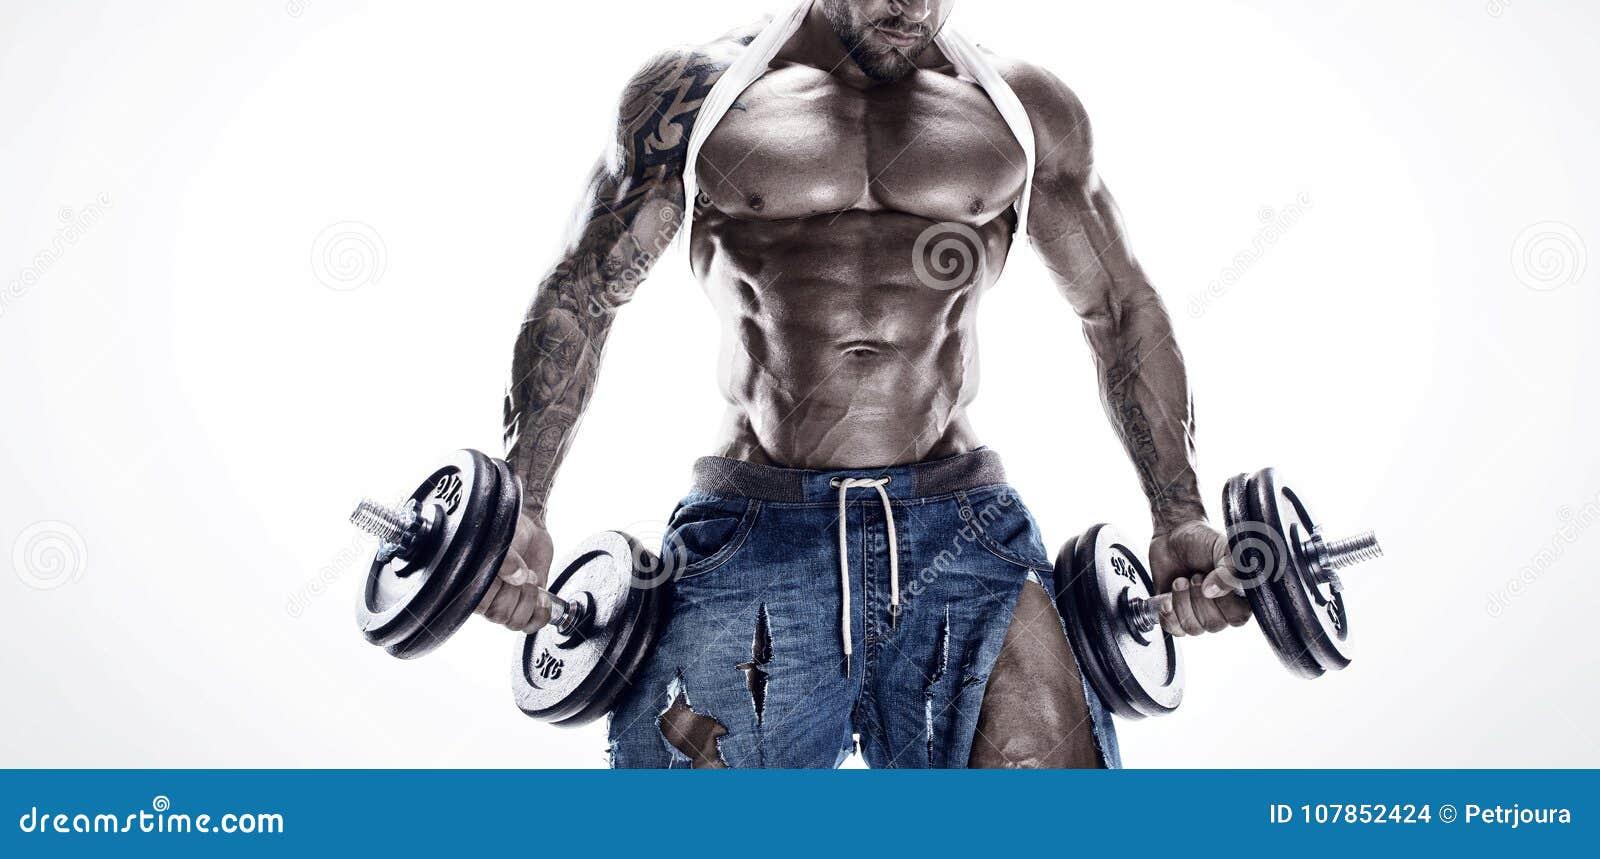 Πορτρέτο του ισχυρού αθλητικού ατόμου ικανότητας που παρουσιάζει μεγάλους μυς